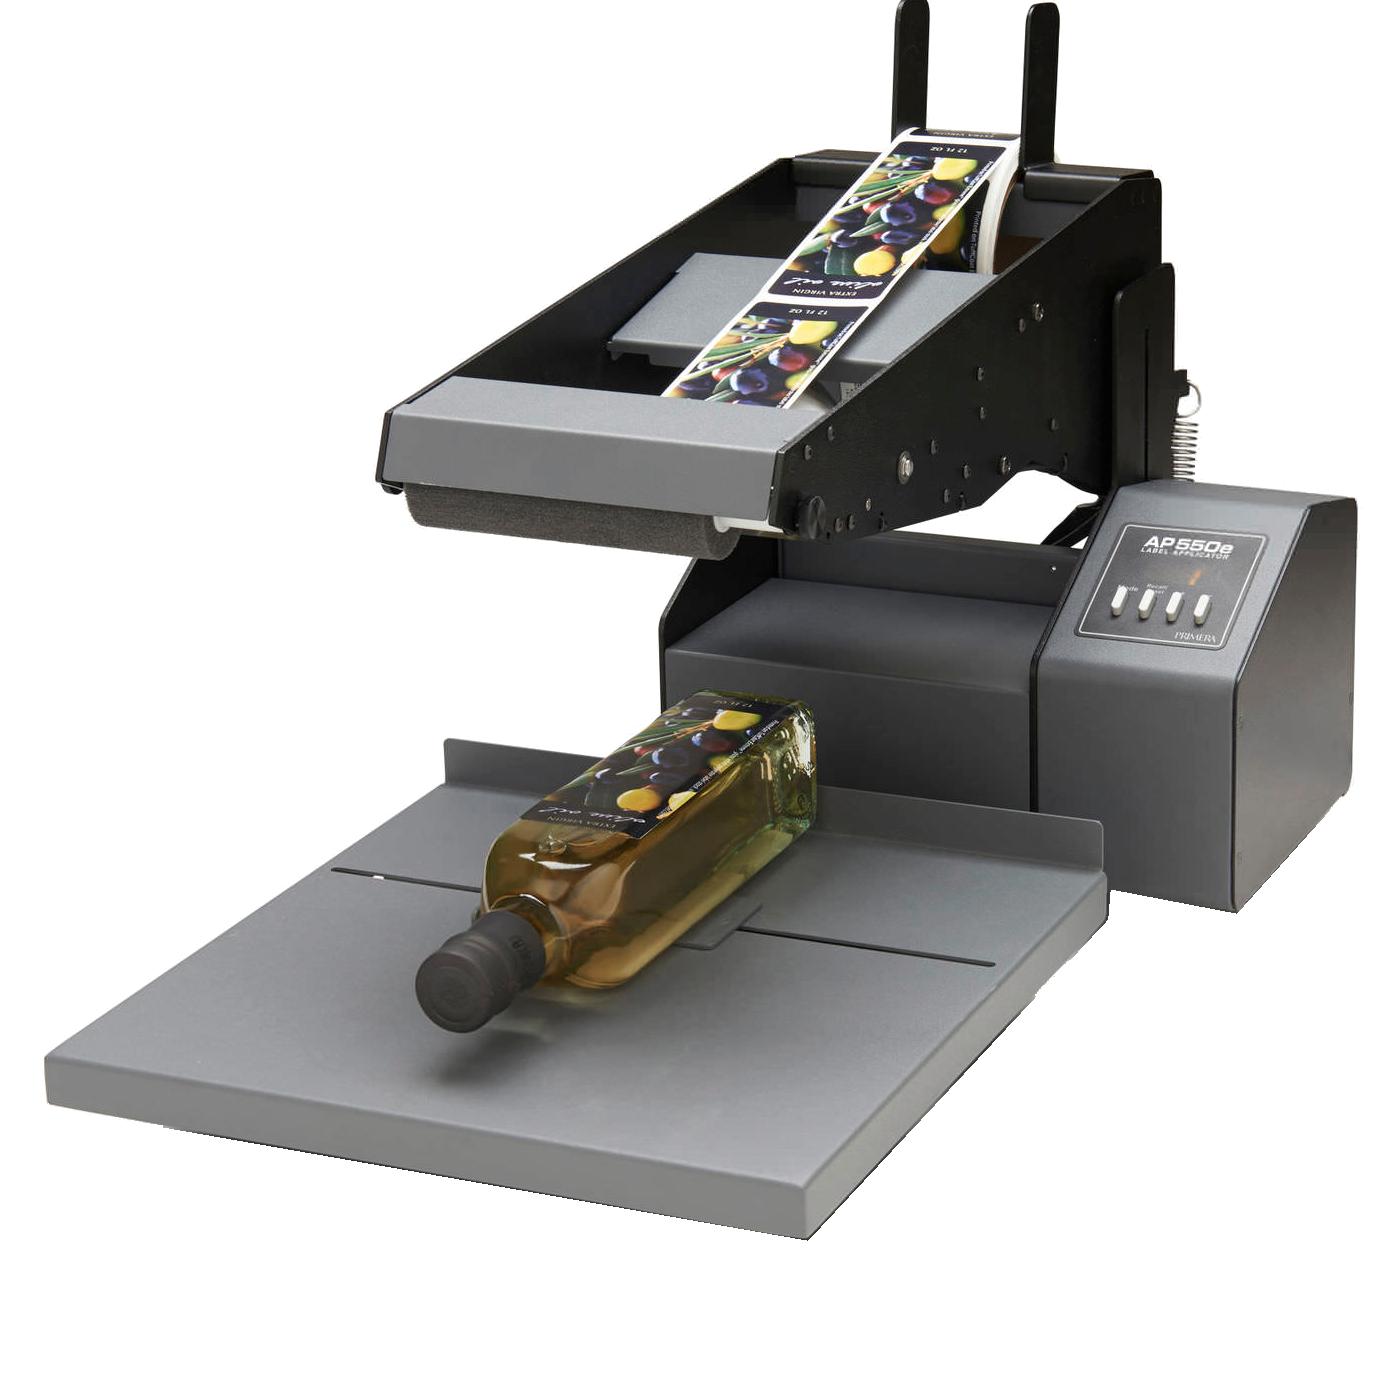 immagine AP-550e Applicatore semi-automatico di Etichette per Superfici Piane